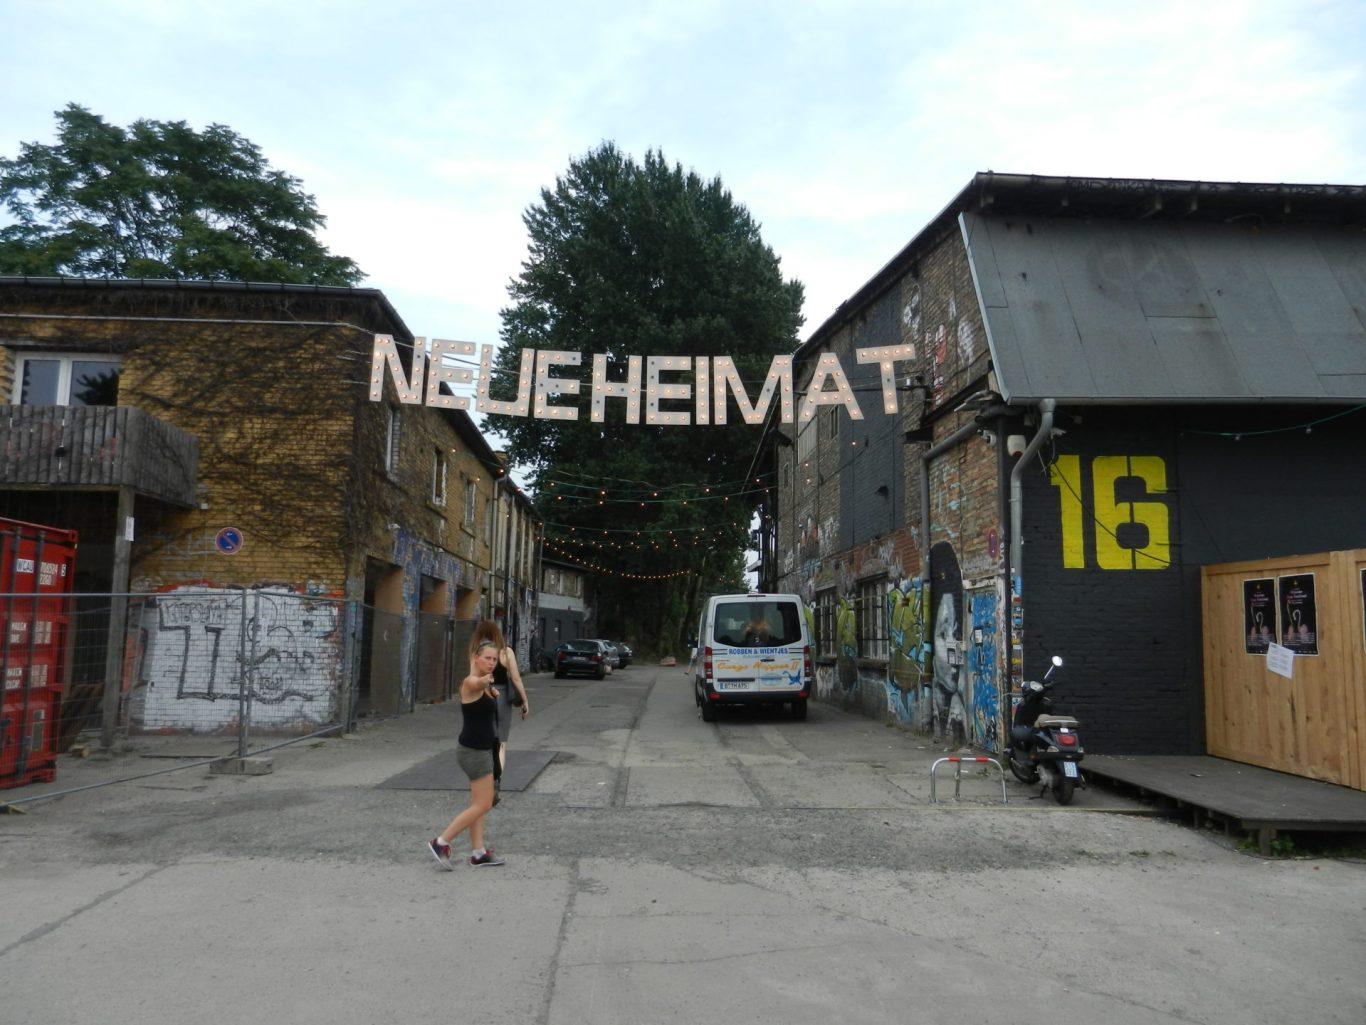 Neue Heimat Food Market, Berlin, Germany